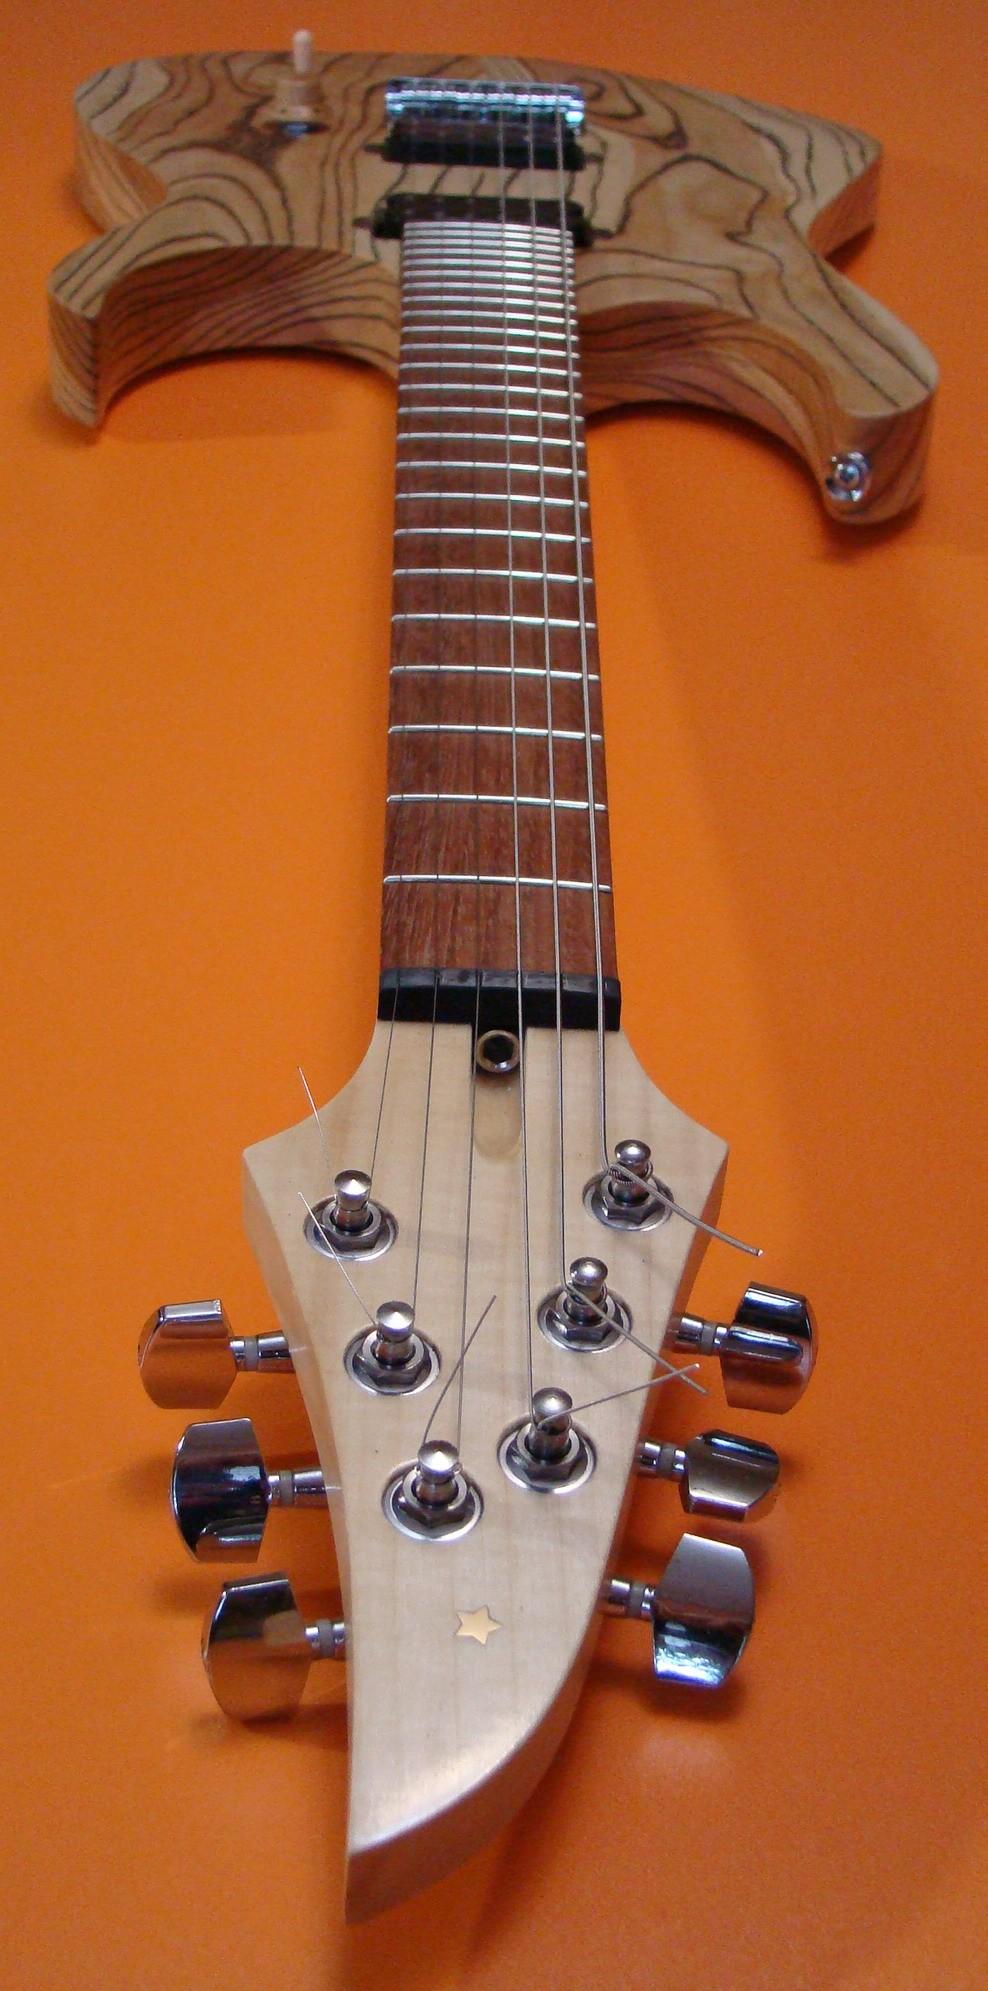 Ремонт гитары своими руками. Как